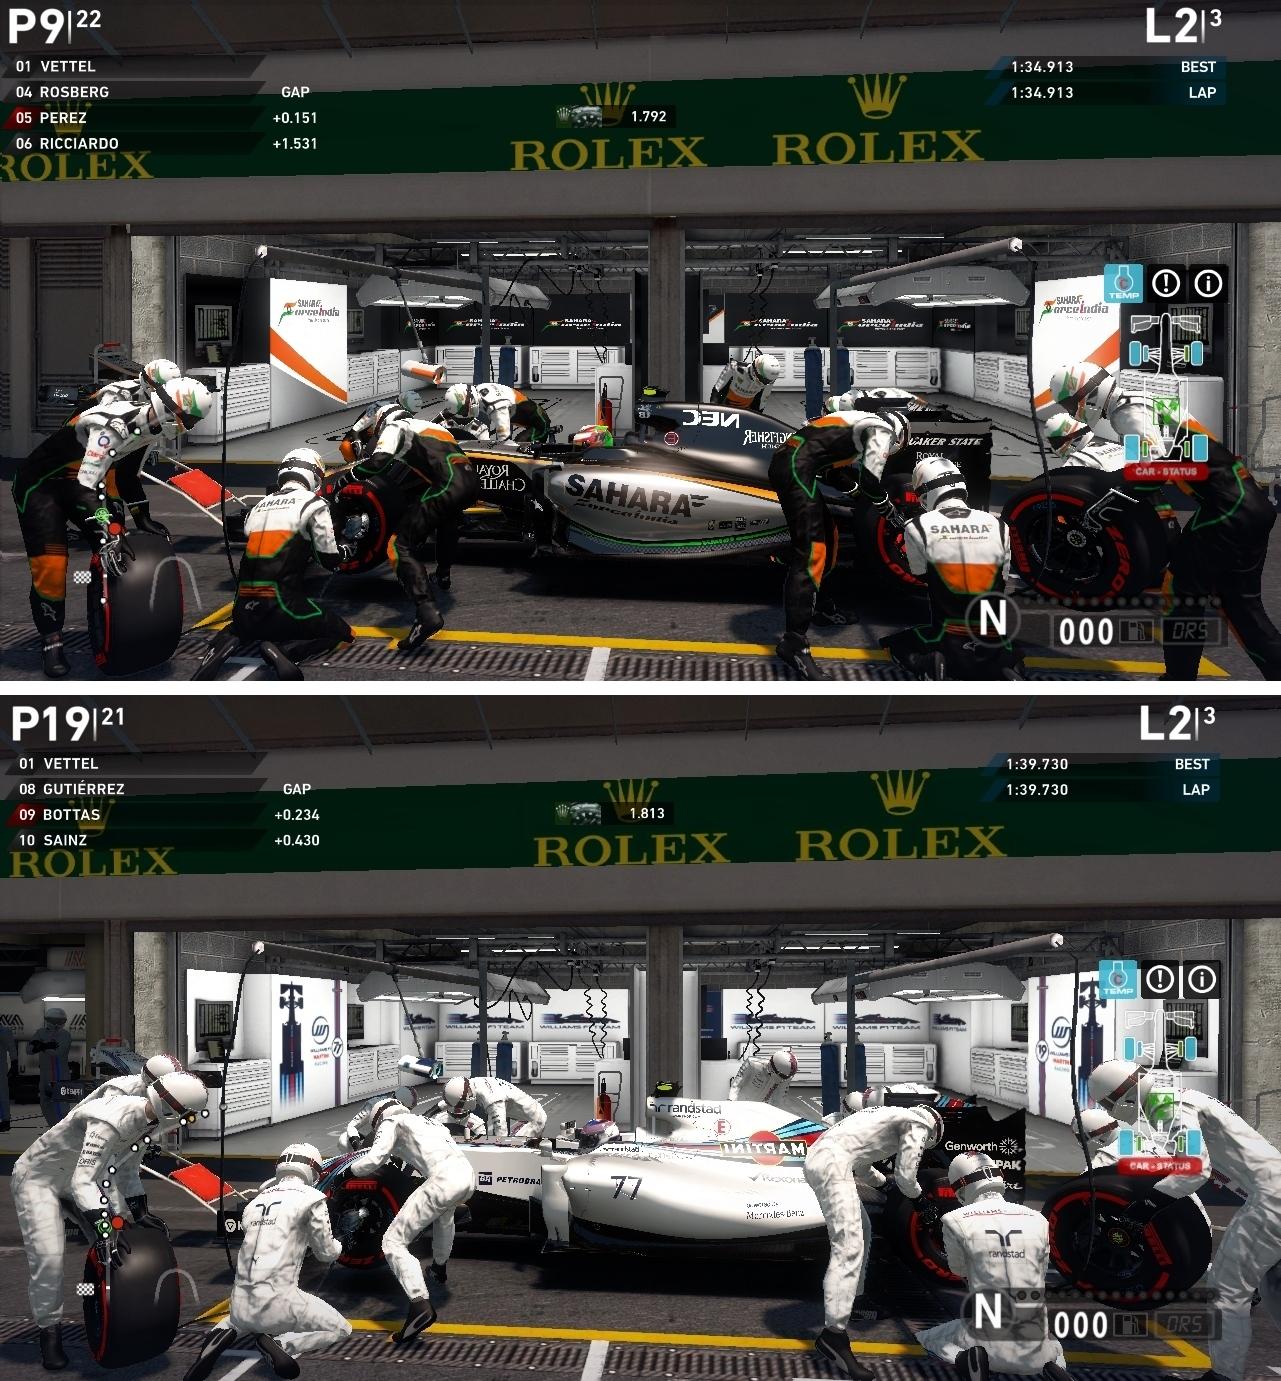 2016 F1 Williams_ForceIndia Garage.jpg